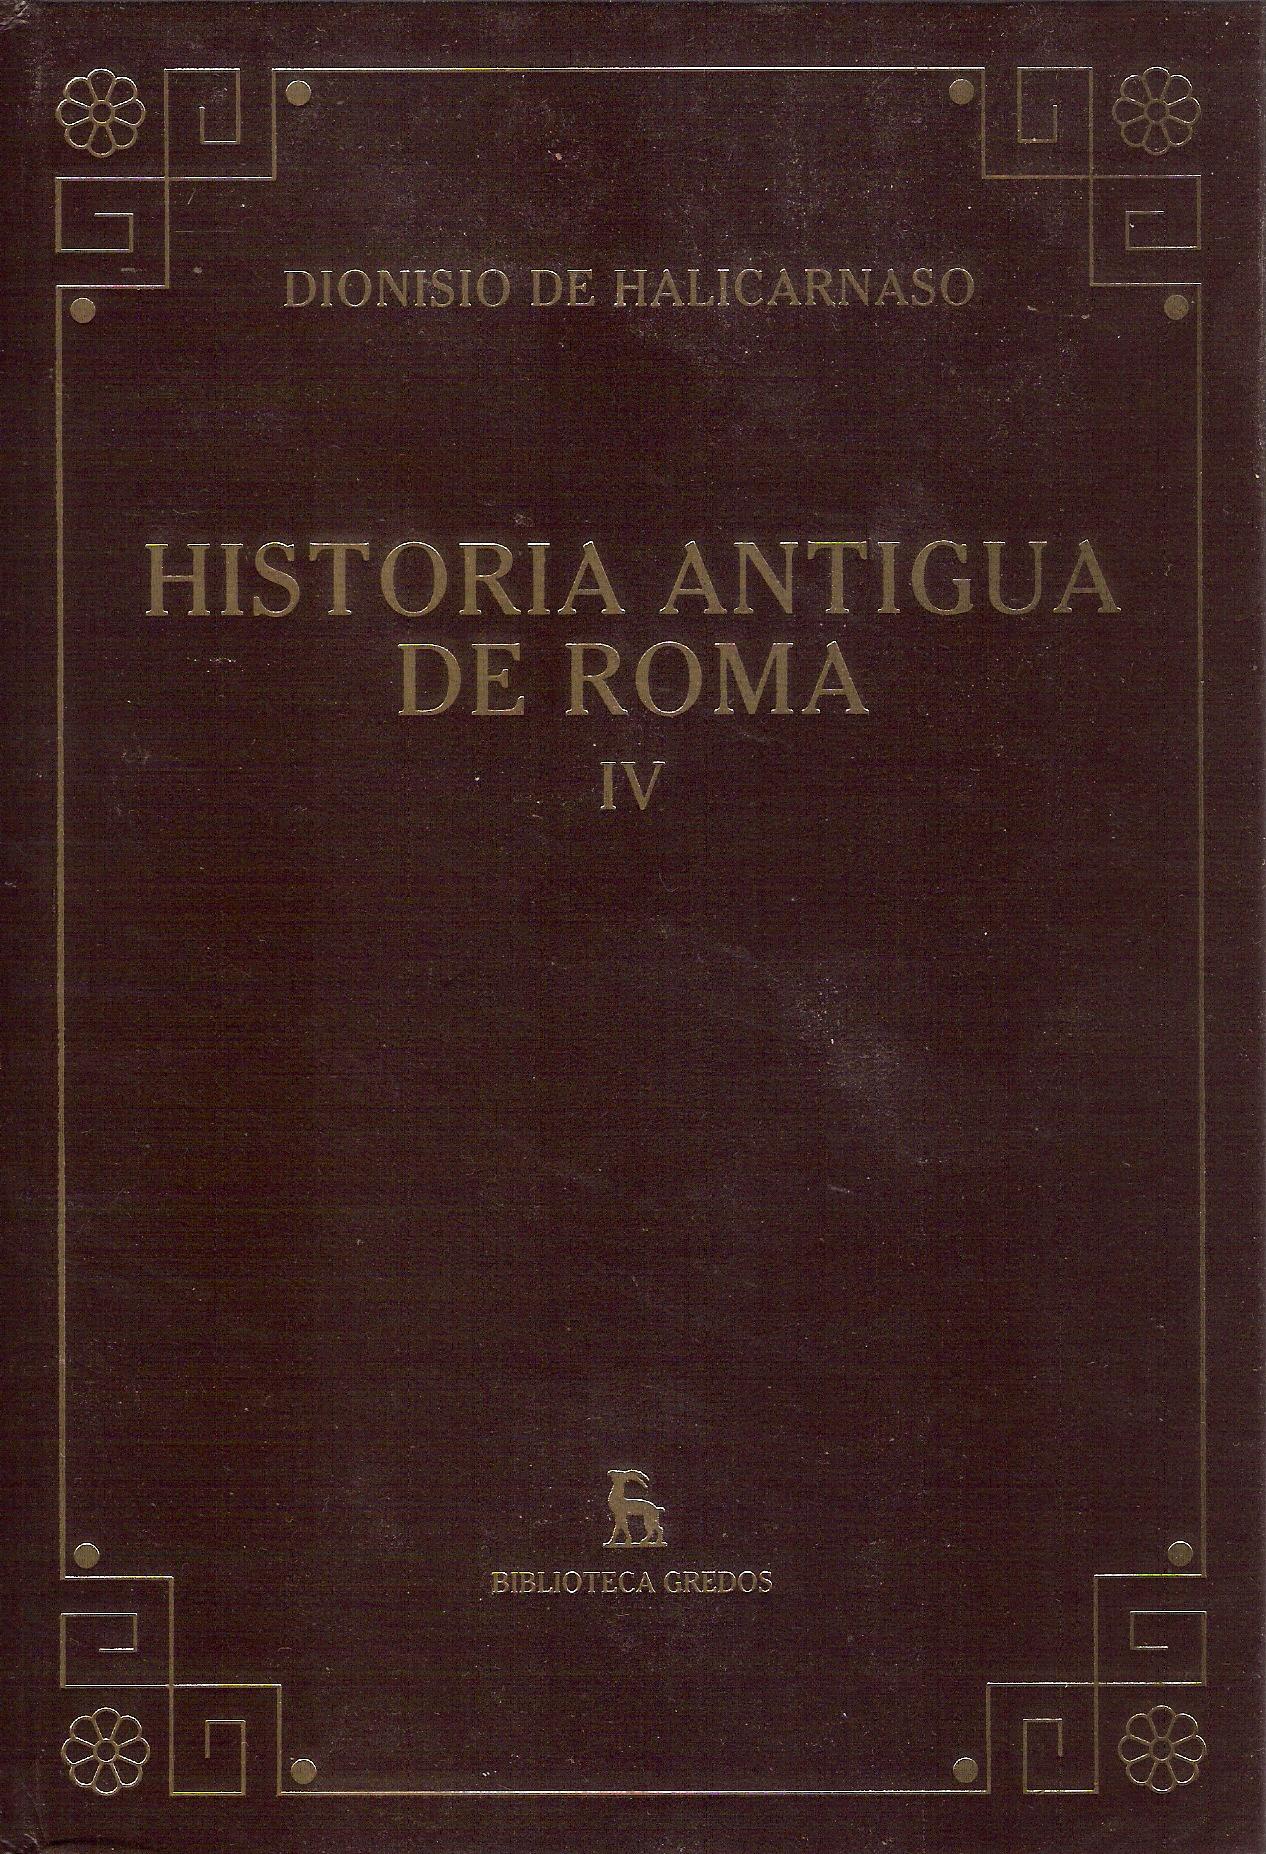 Historia Antigua de Roma IV. Libros X, XI y fragmentos de los libros XII-XX